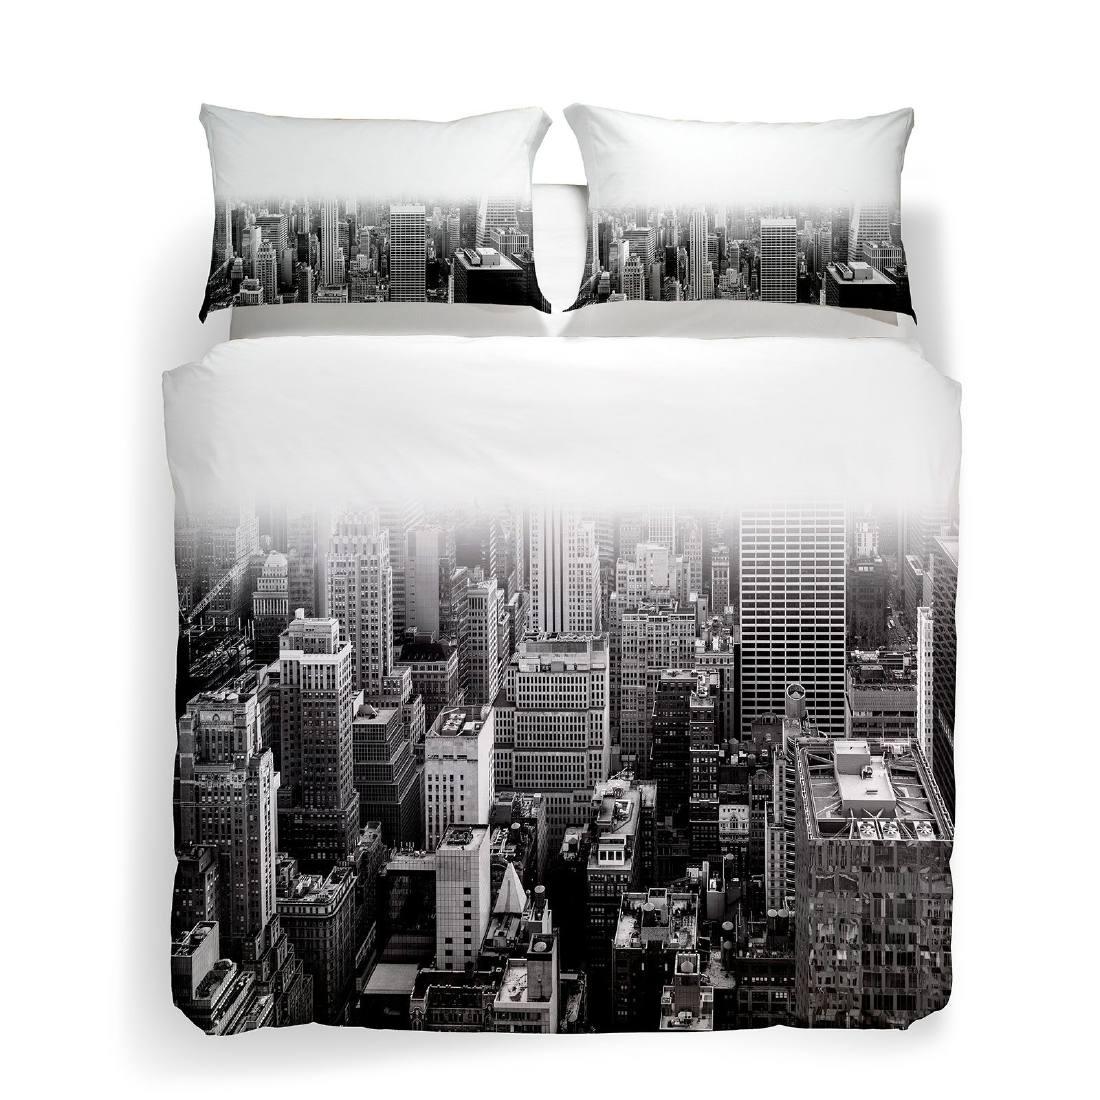 Copripiumino Matrimoniale New York.Copripiumino Matrimoniale Caleffi New York Black White Completo Ebay